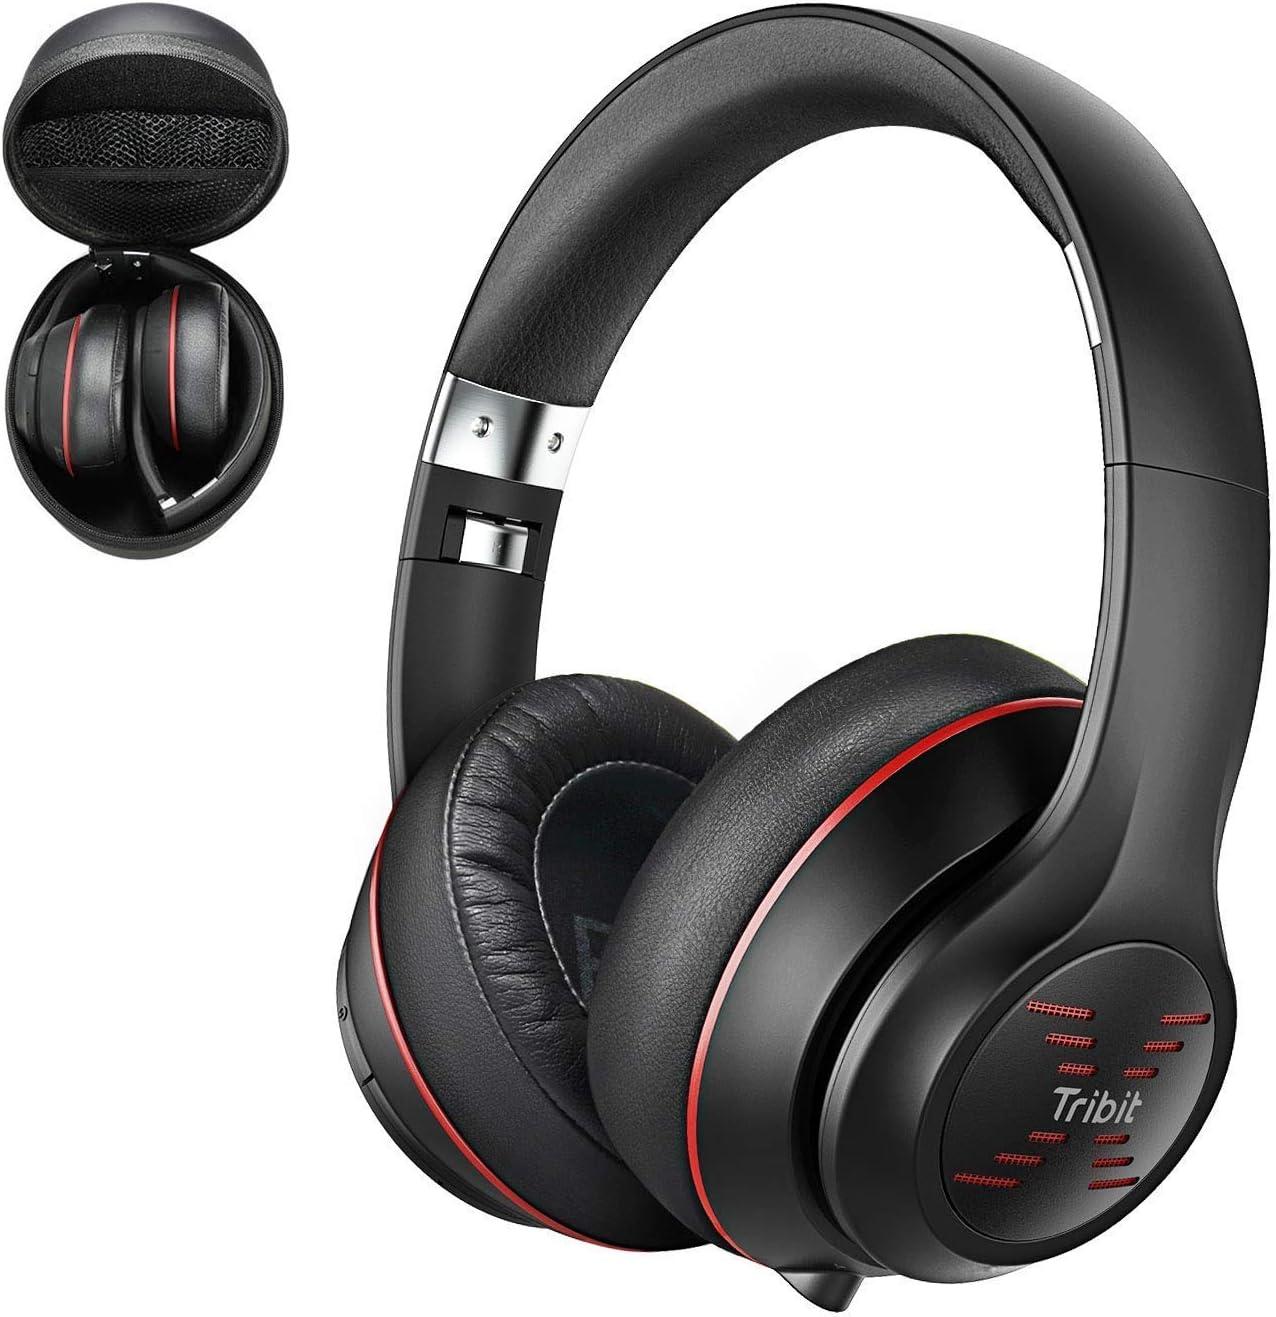 Auriculares Bluetooth Tribit XFree Tune-Auriculares inalámbricos con hasta 40 Horas de reproducción. Sonido estéreo de Alta fidelidad con potentes Graves, micrófono Incorporado, Negro/Rojo